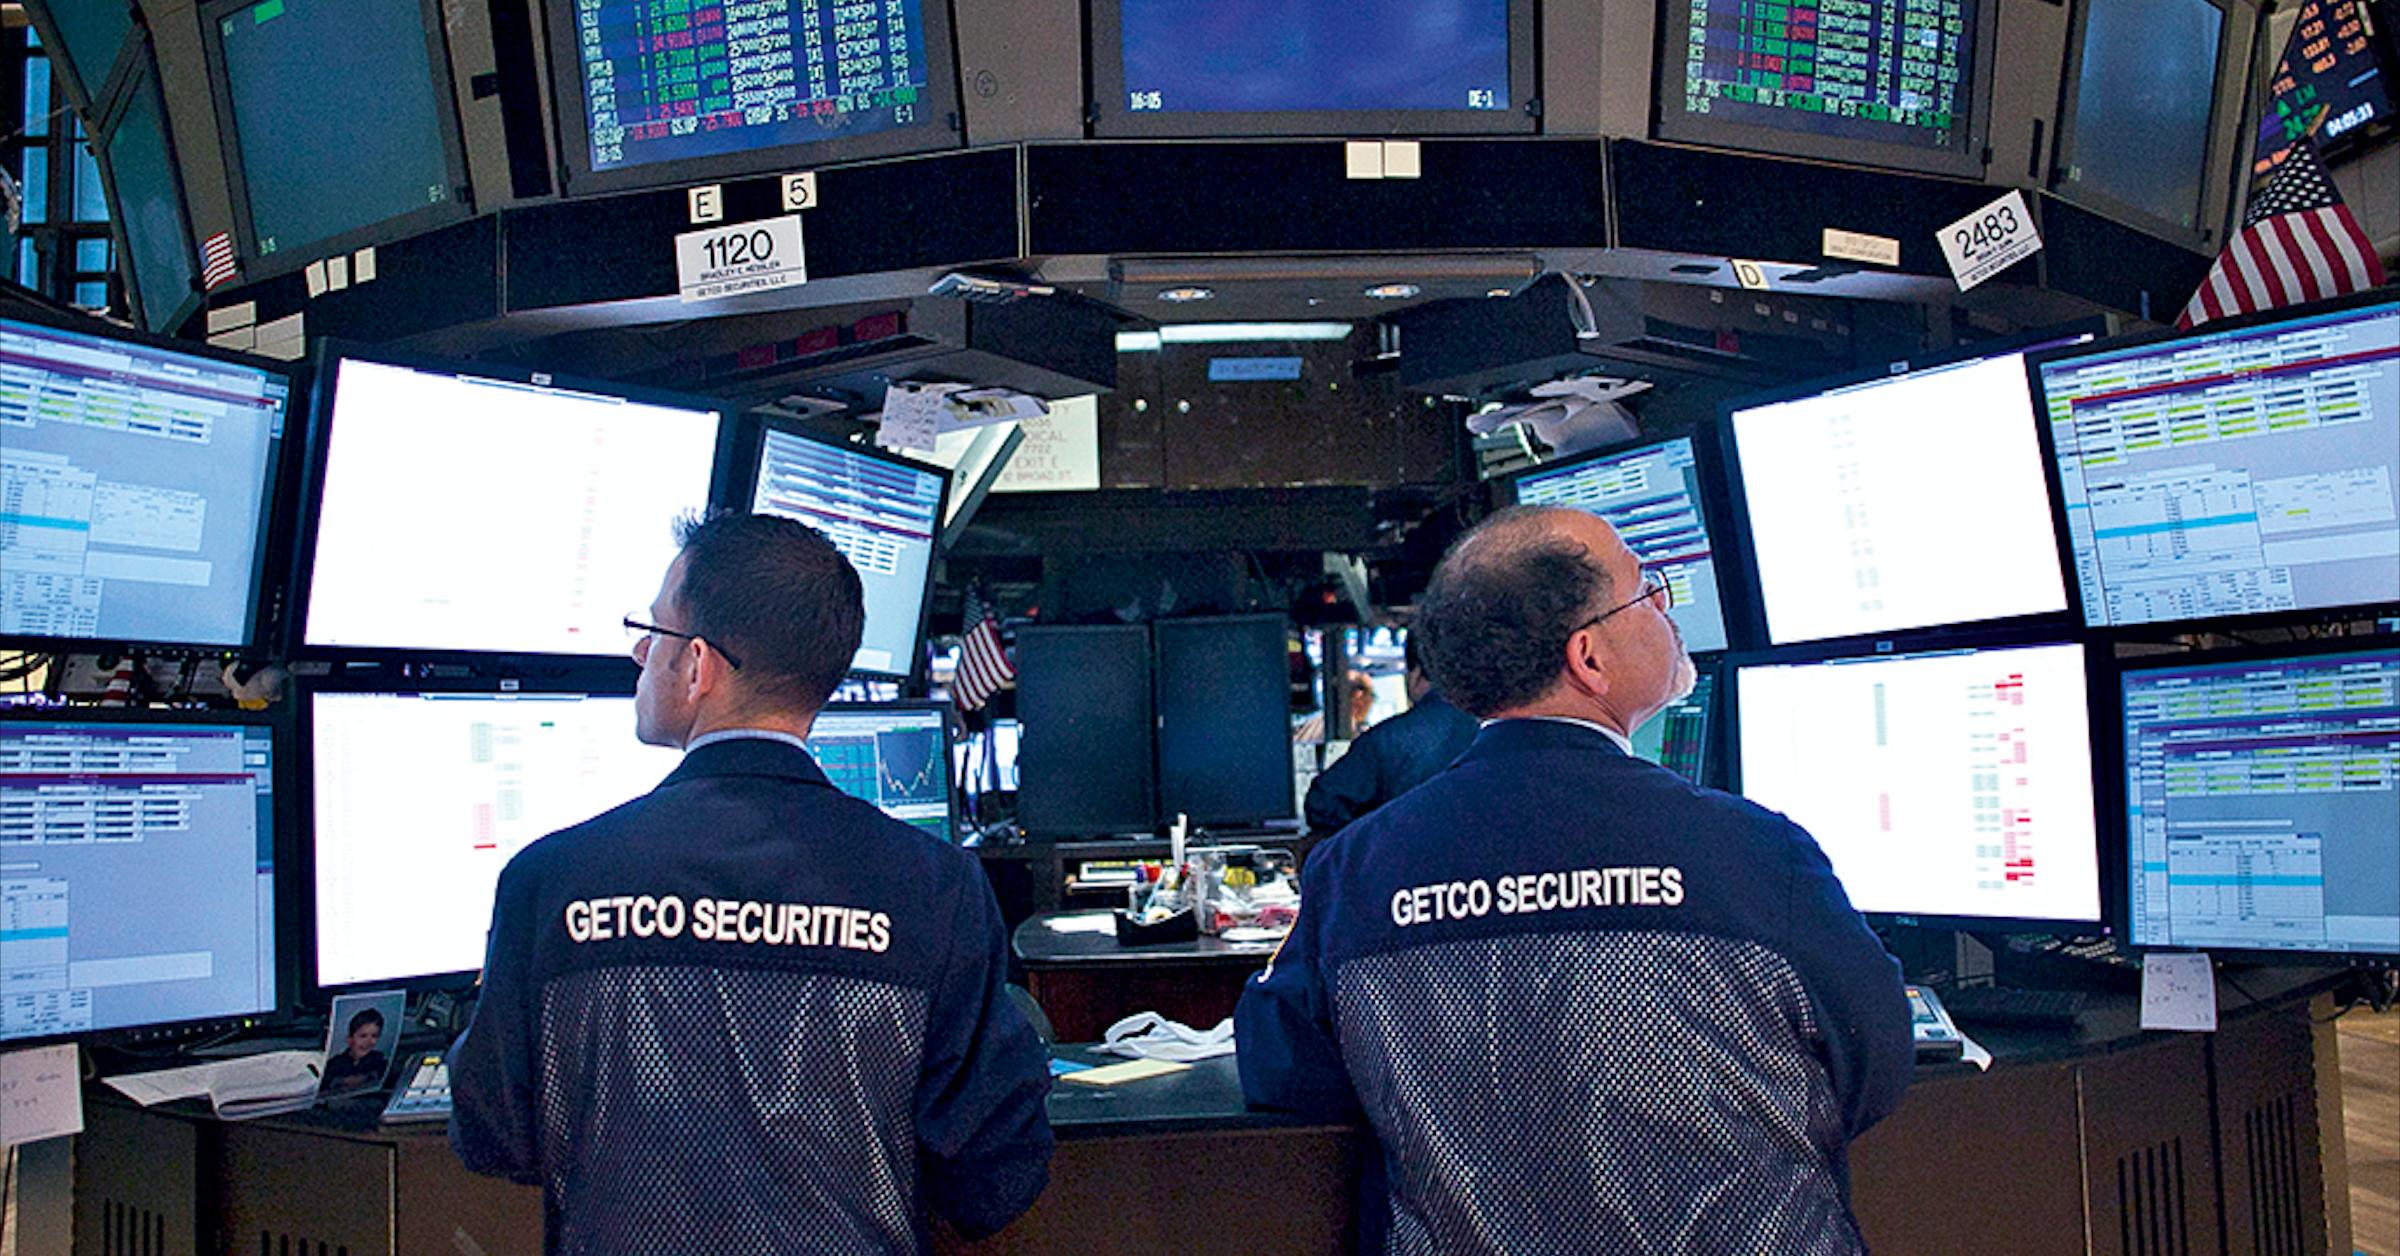 The-good-guys-of-trading_jpg.